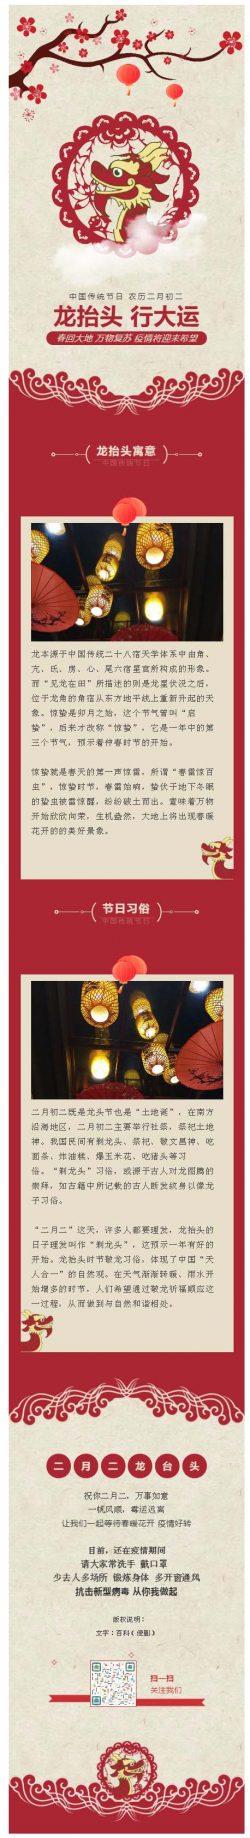 中国传统节日农历二月二龙抬头红色风格模板微信推送图文素材推文模板